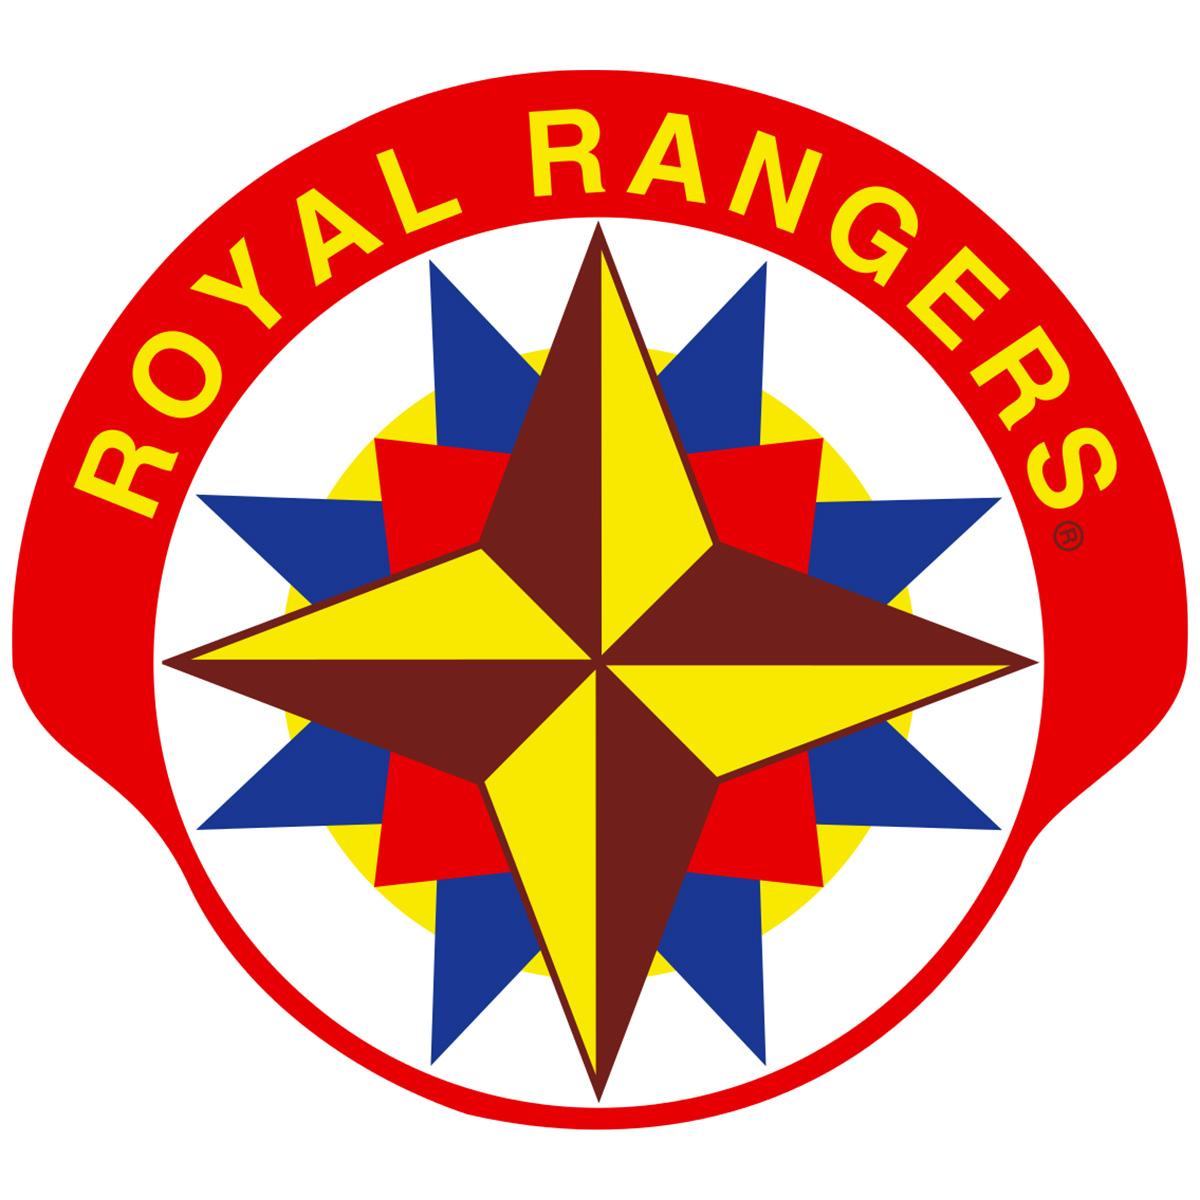 Royal_Rangers.jpg